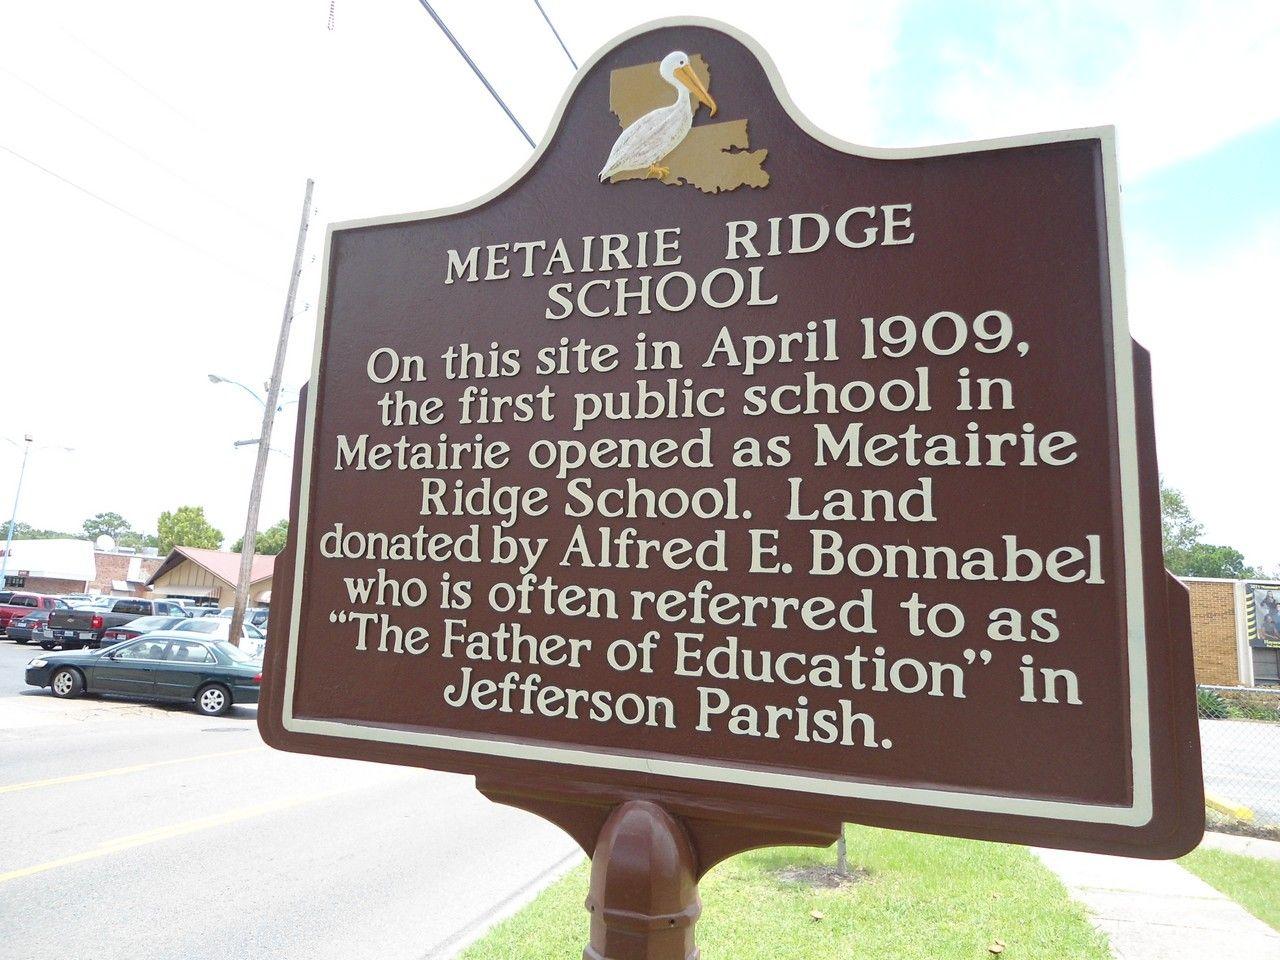 Metairie Ridge School, Metairie, Jefferson Parish